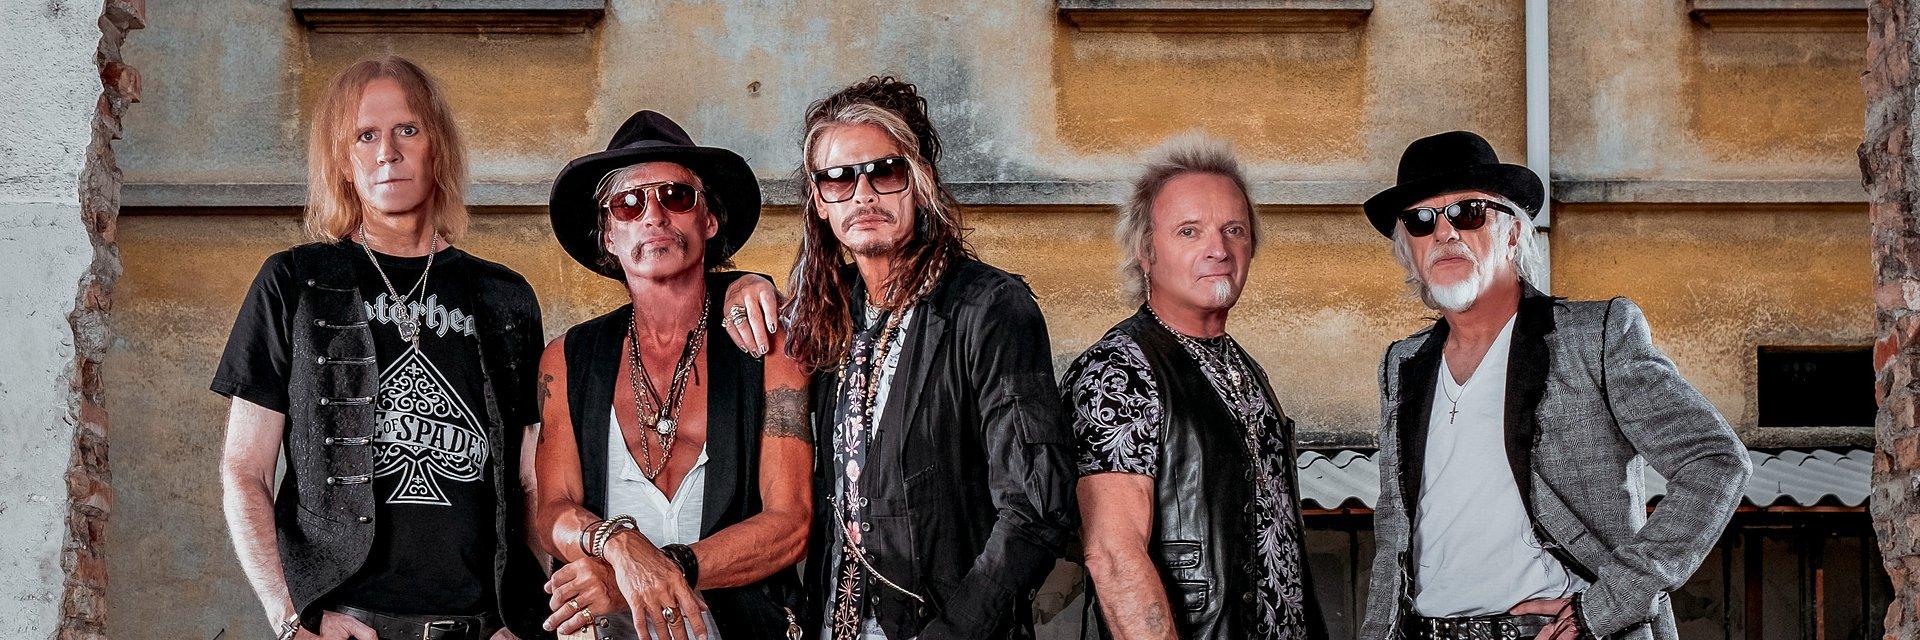 Aerosmith i Universal Music Group ogłaszają historyczną współpracę